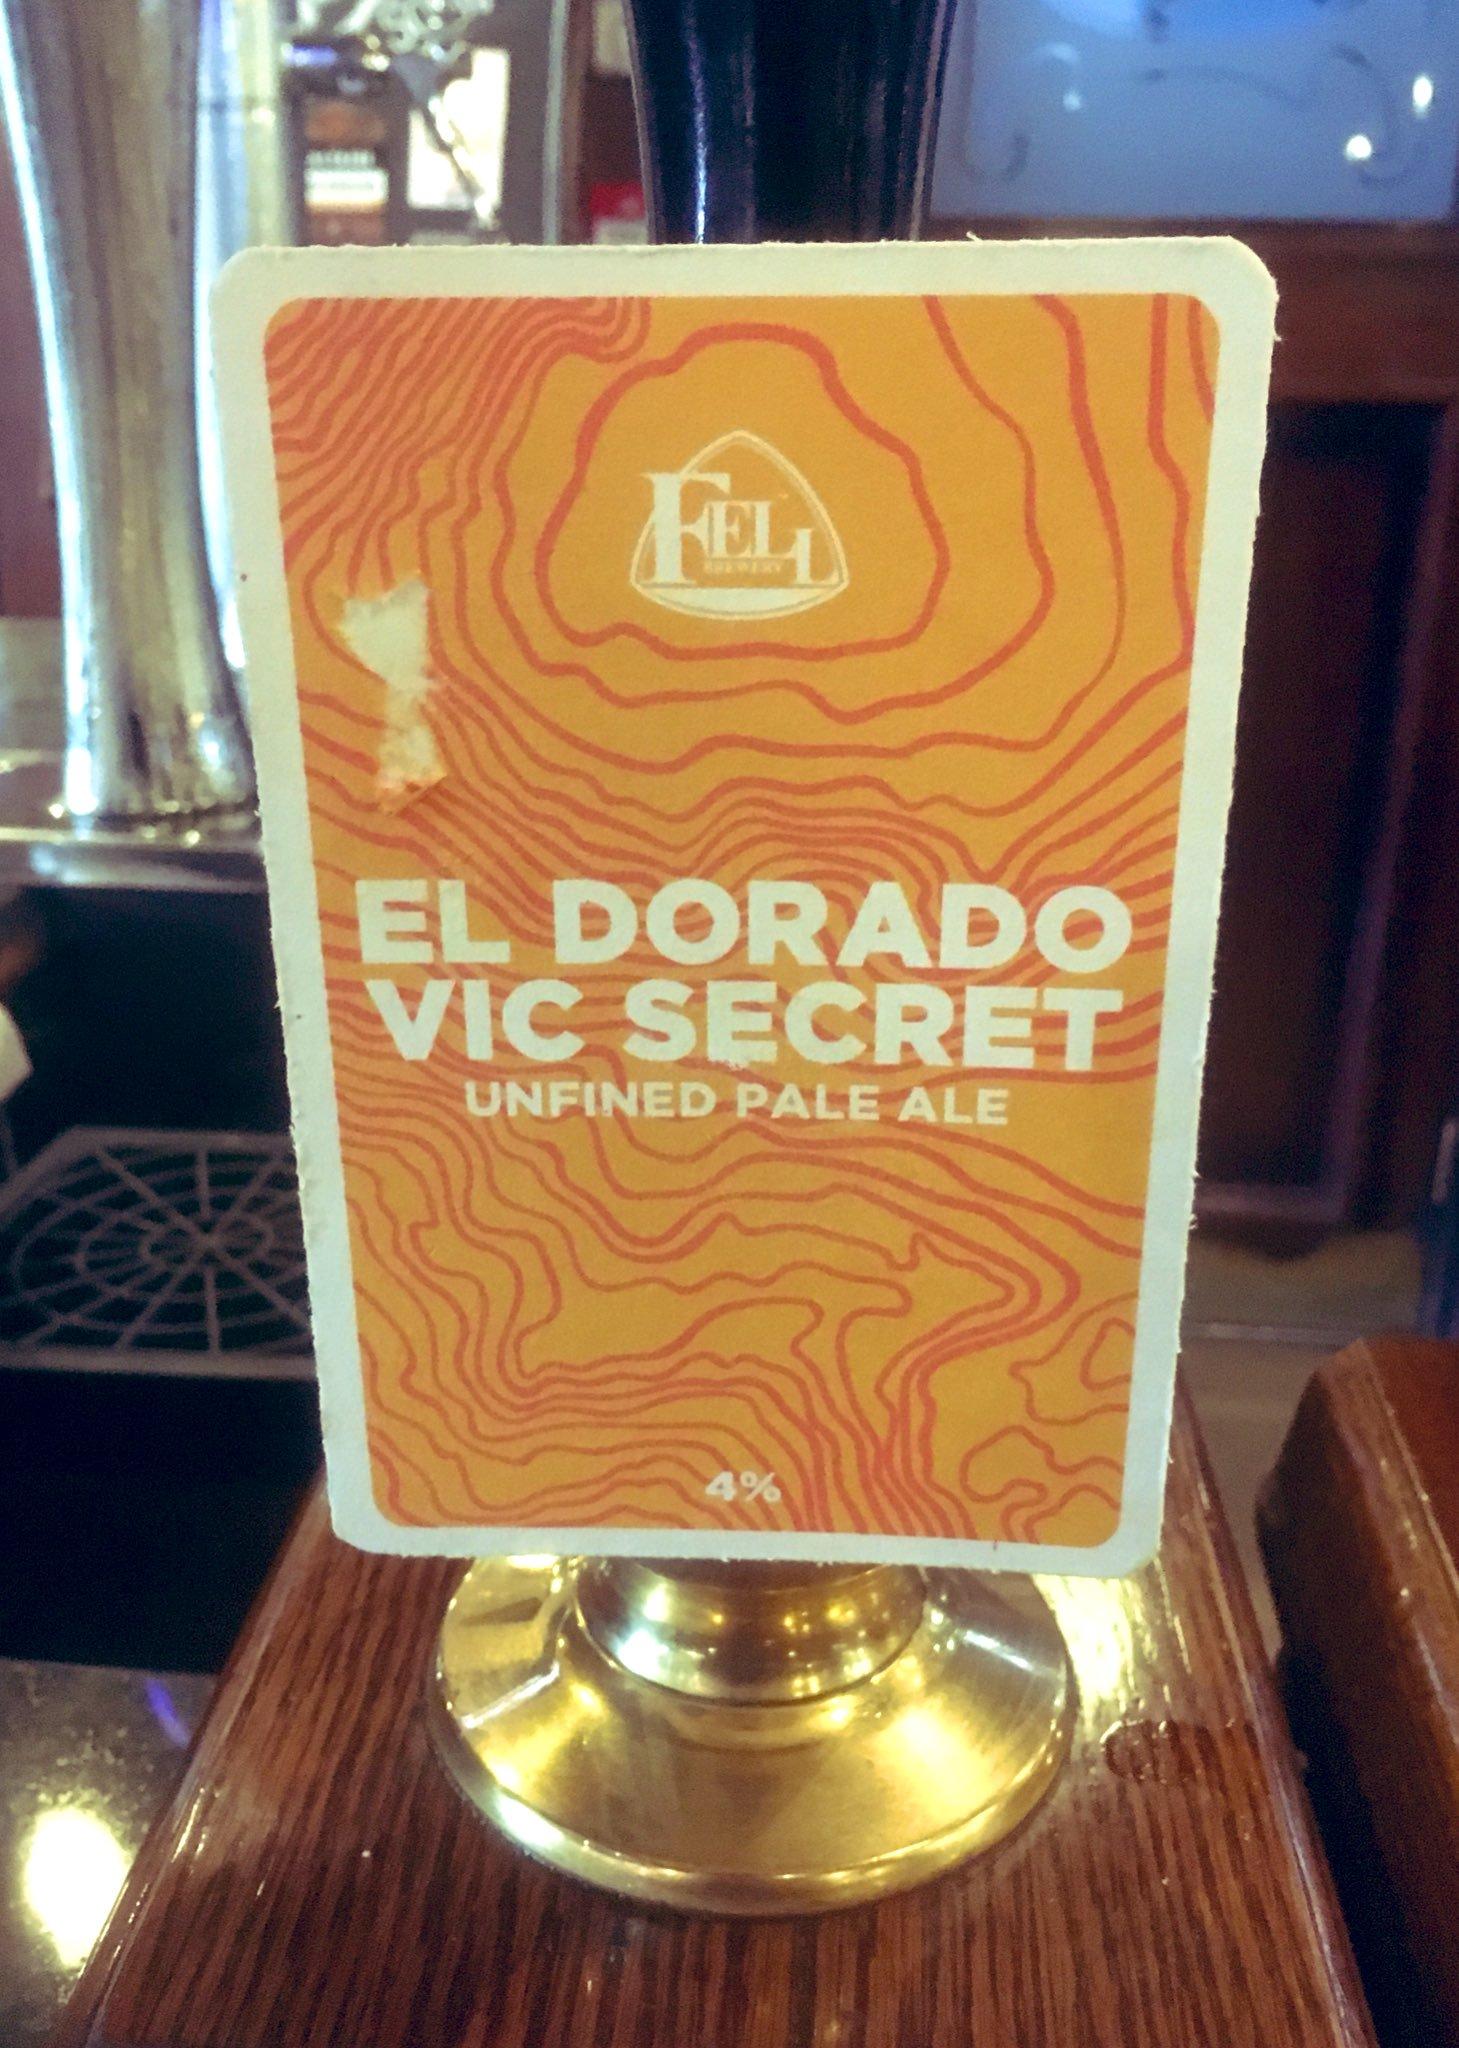 271: El Dorado Vic Secret